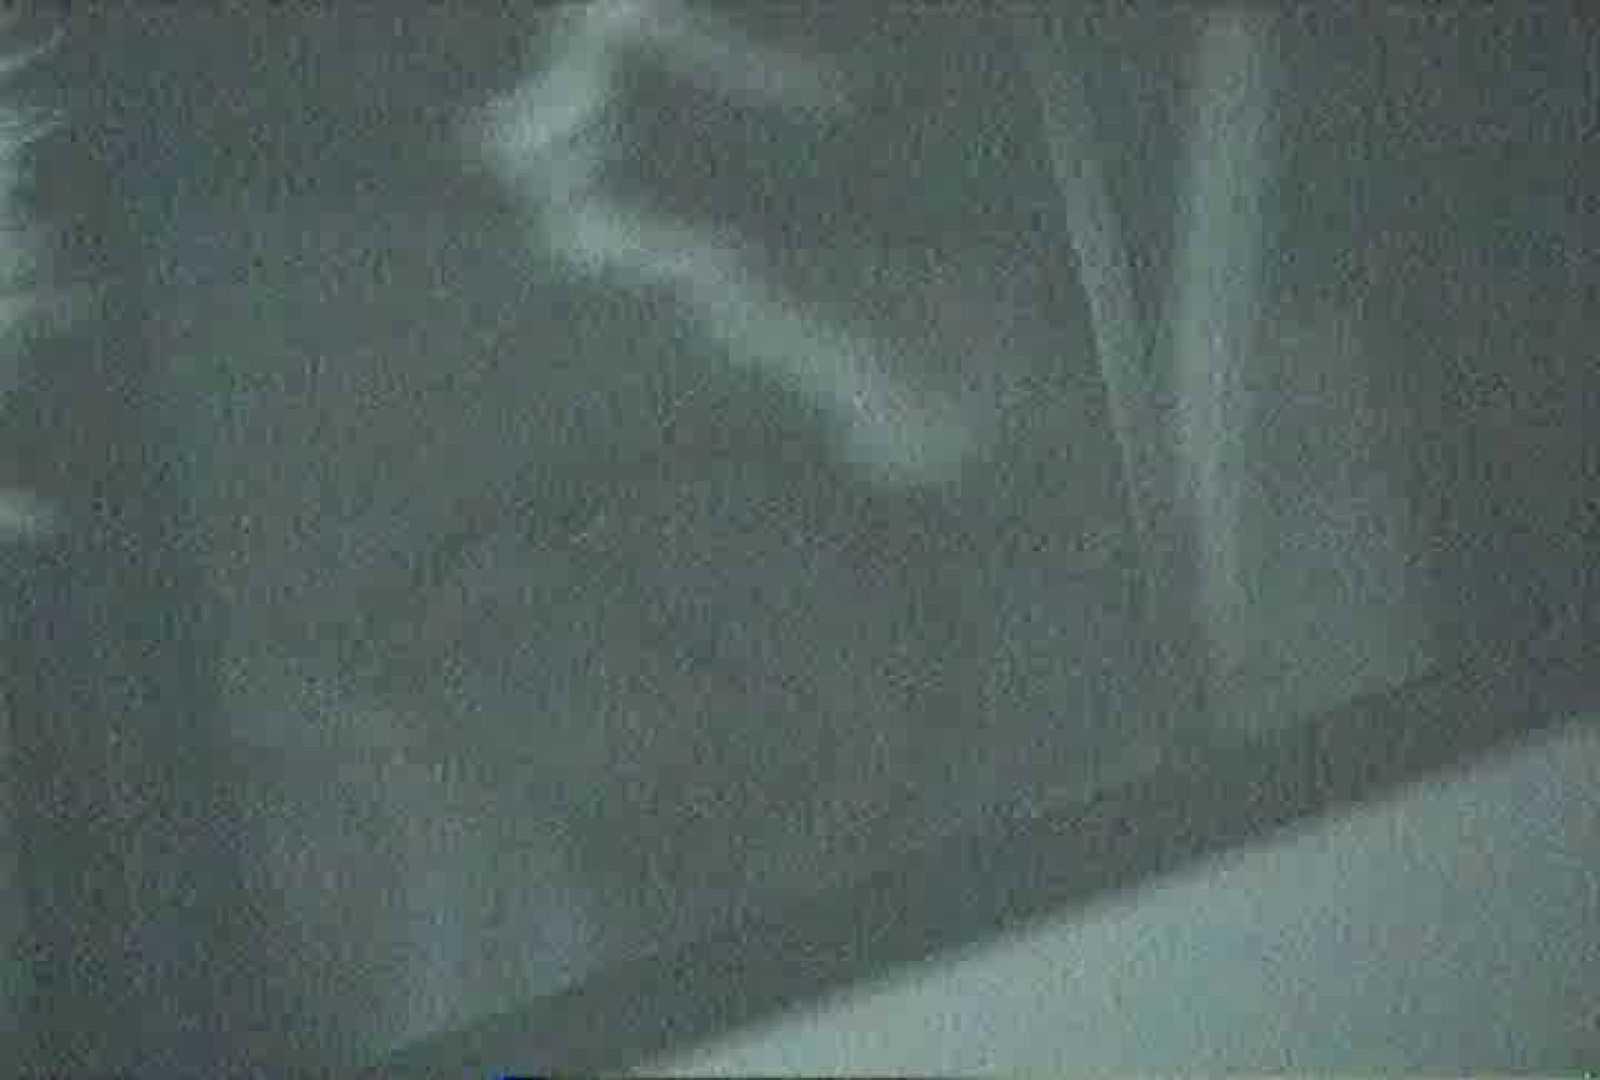 充血監督の深夜の運動会Vol.59 セックス AV無料動画キャプチャ 86PIX 30